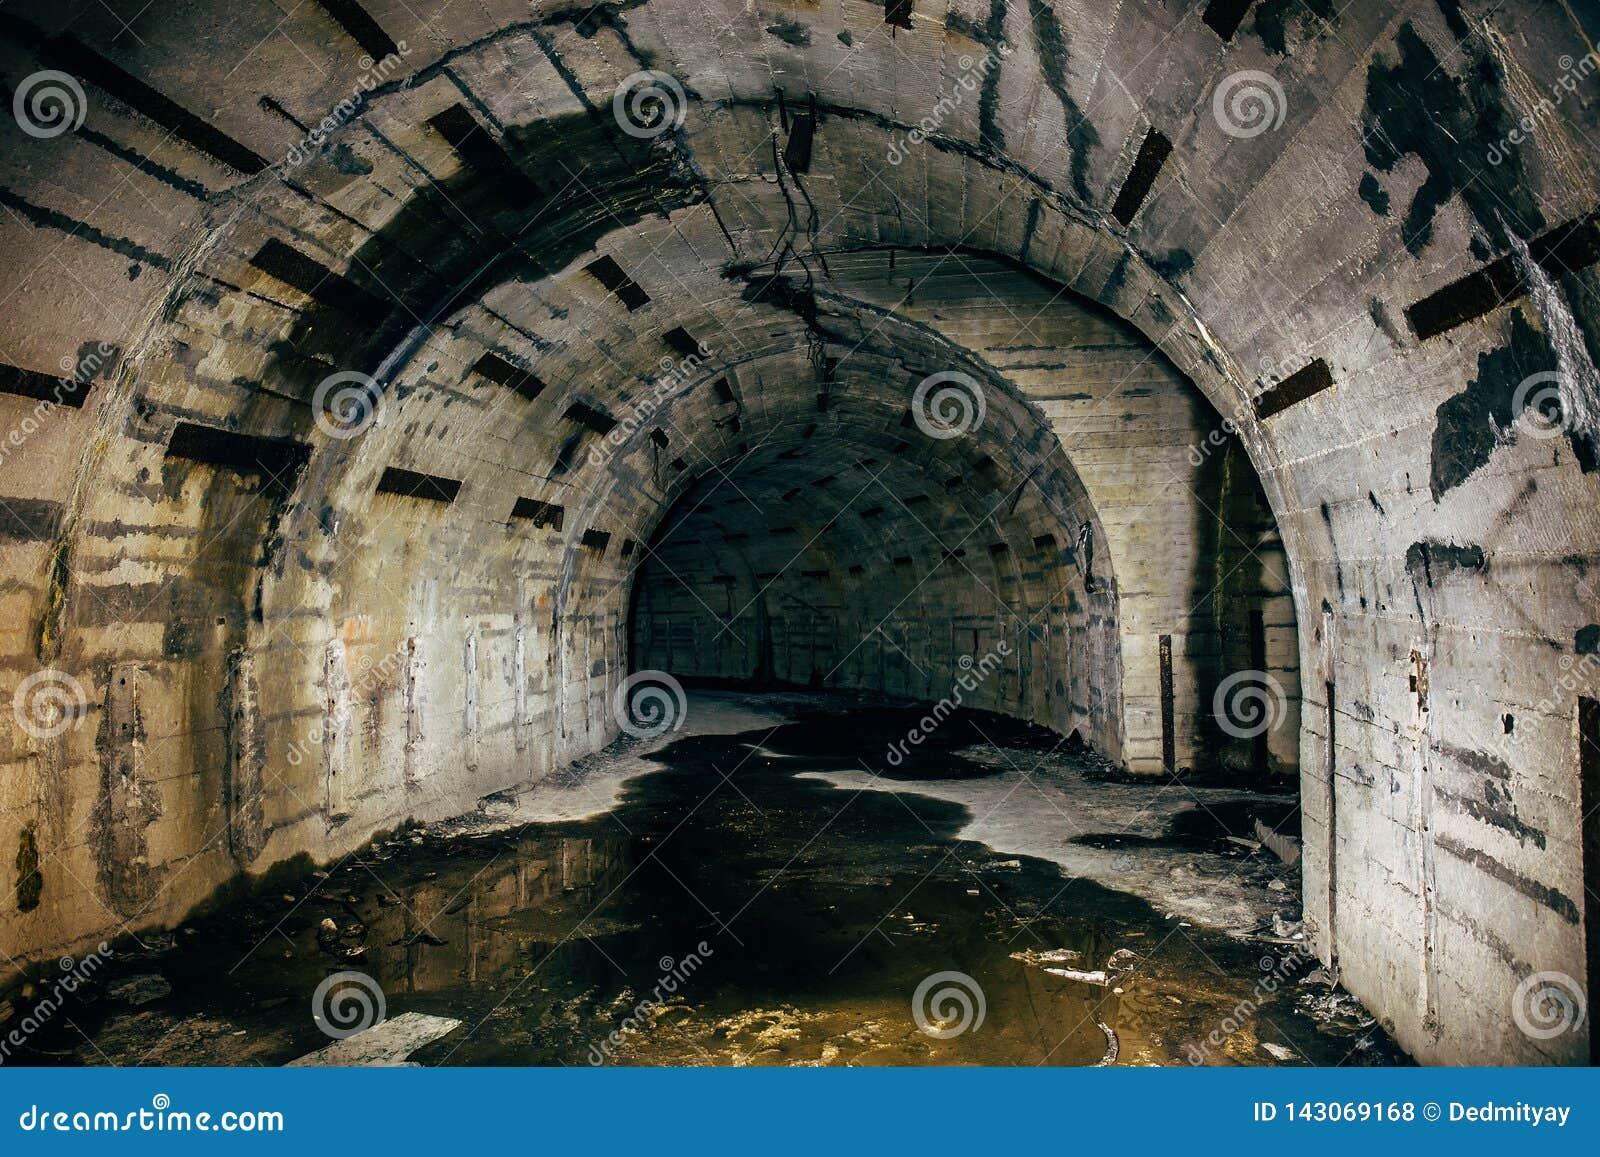 Tunnel O Corridoio In Bunker O Seminterrato Militare ...